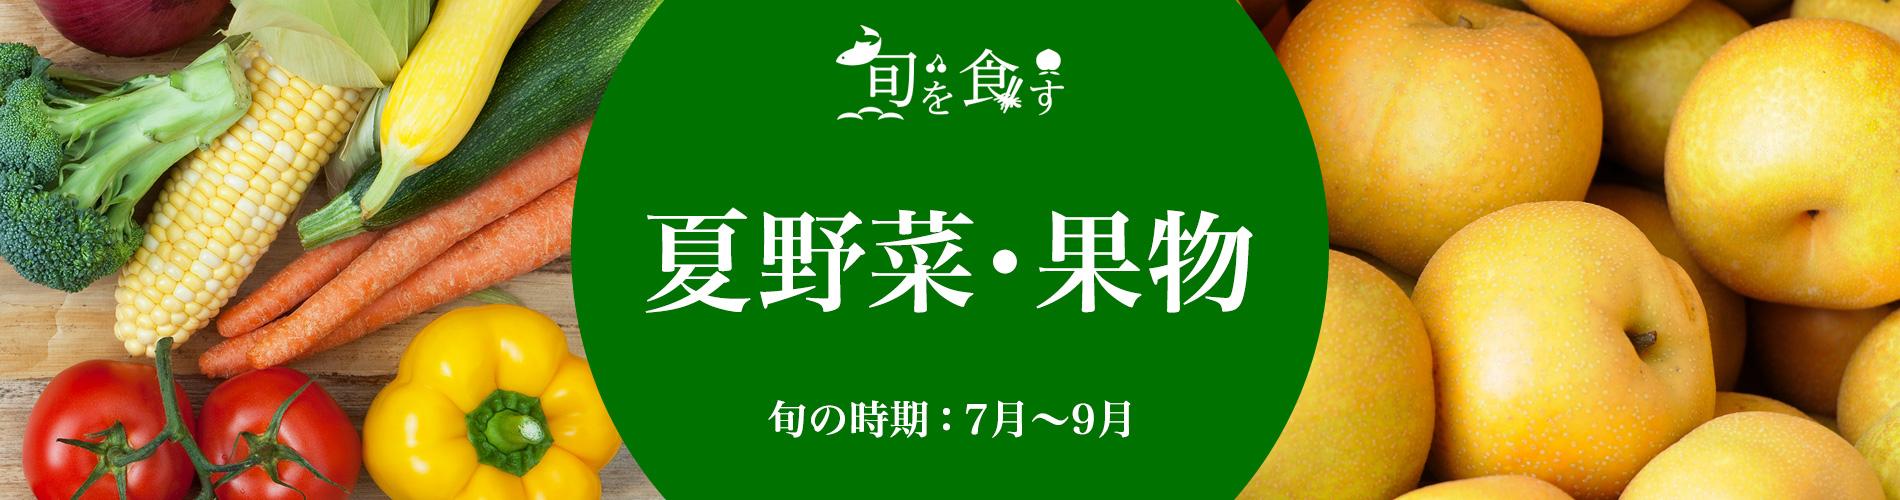 旬を食す 夏野菜・果物 旬の時期:7月~9月